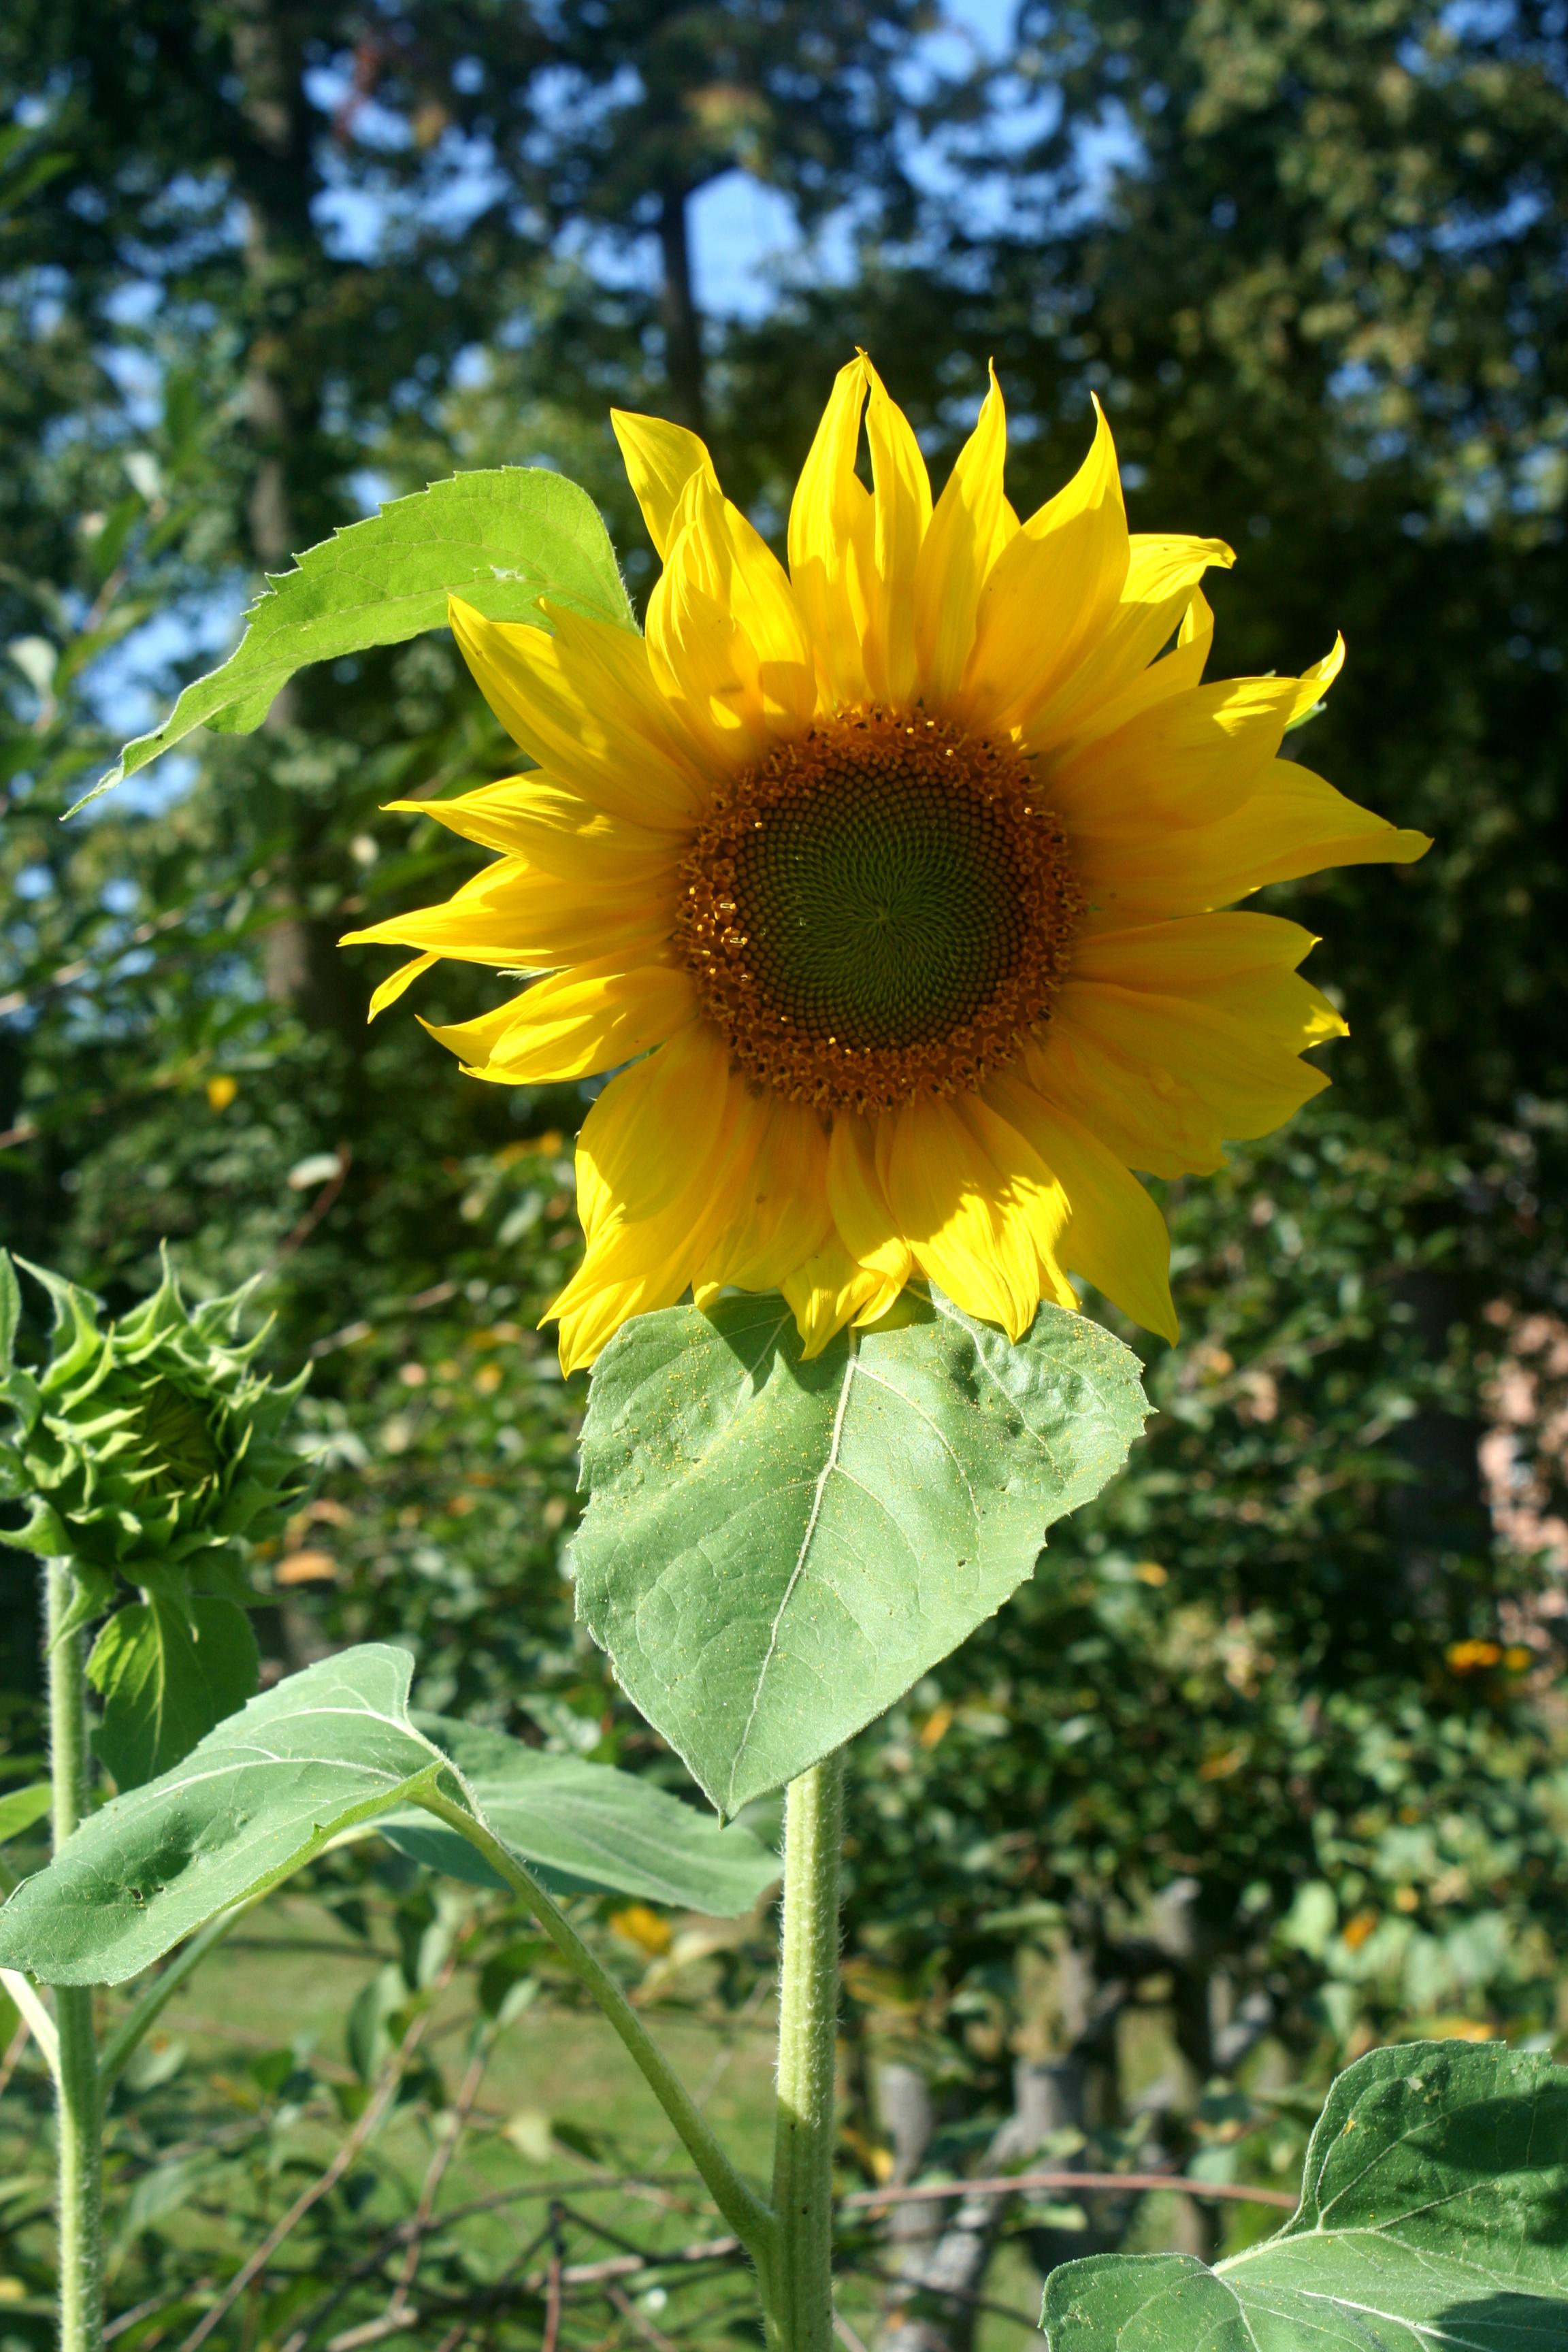 Gambar Bunga Matahari Desa Alam Tanaman Berbunga Menanam Kuning Biji Bunga Matahari Daun Bunga Perkebunan Botani Serbuk Sari Langit Bunga Liar Tanaman Tahunan Asterales Bidang Keluarga Daisy Makanan Vegetarian Masakan Pemandangan